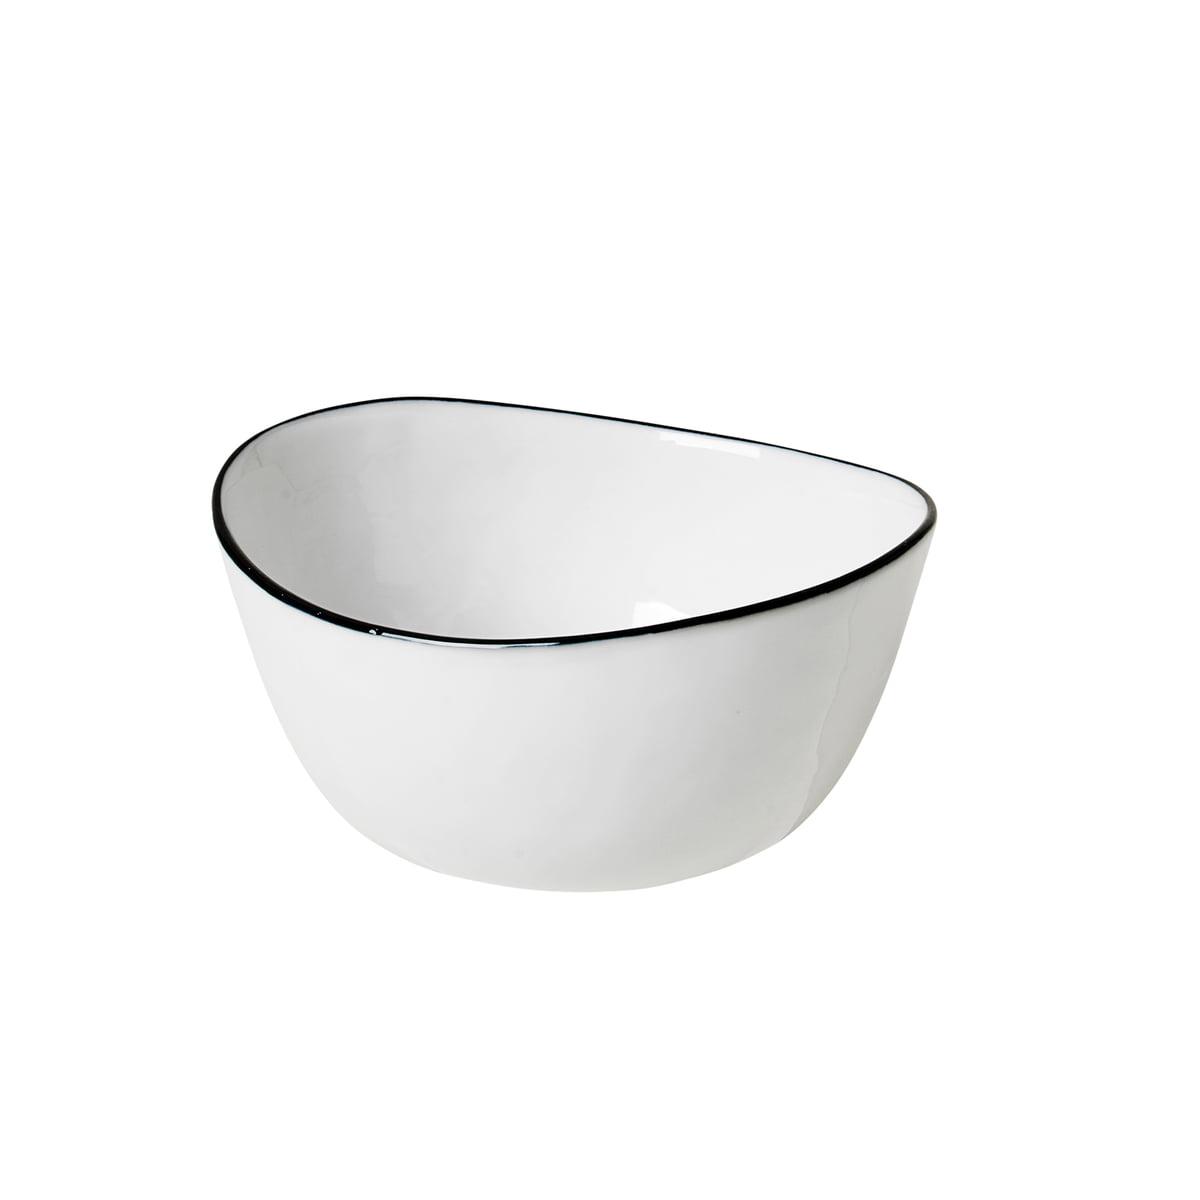 Broste Copenhagen   Salt Schale, 20 x 20 x H 20,20 cm, weiß / schwarz